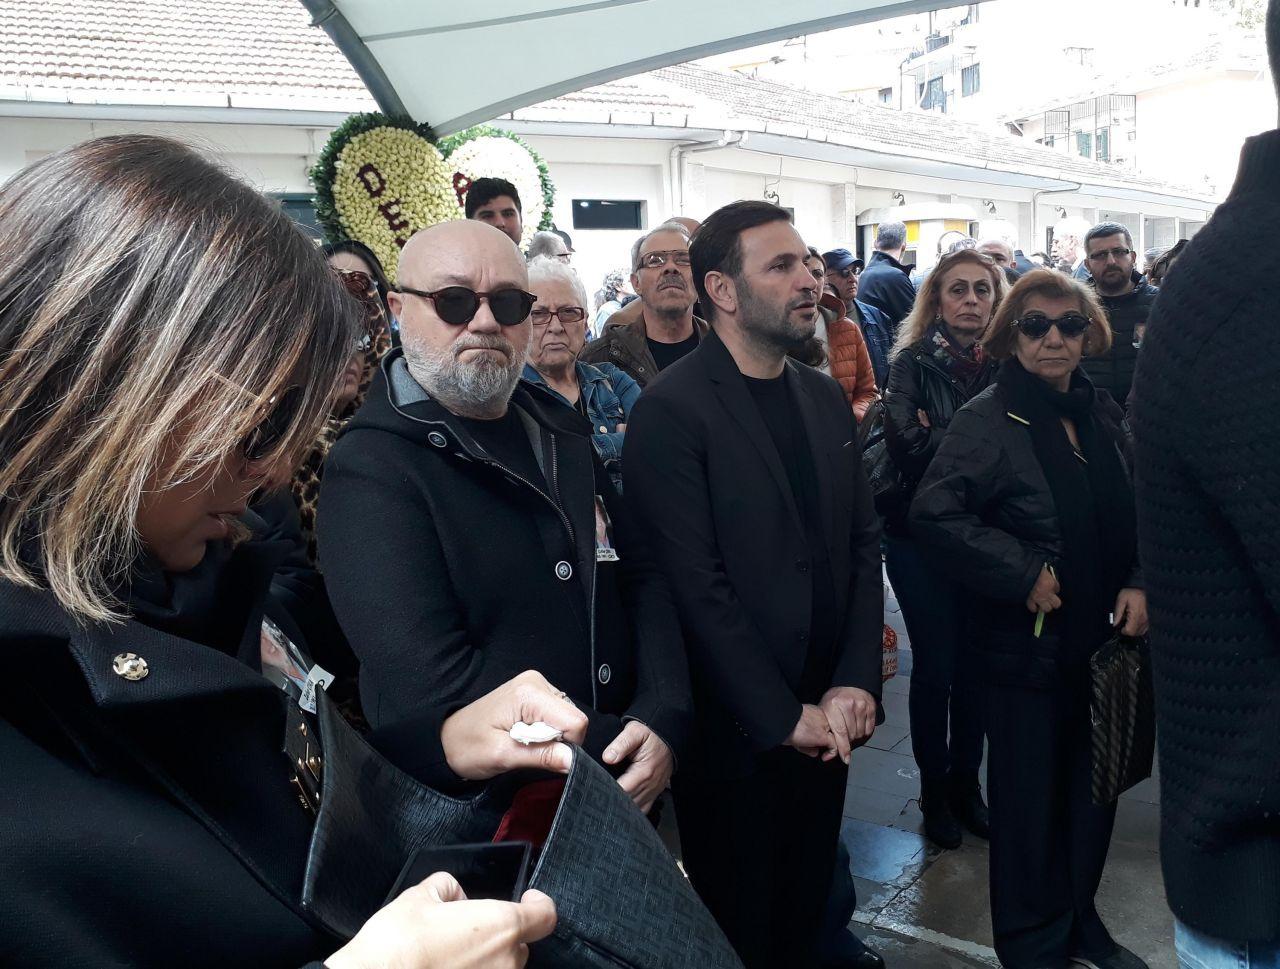 Zafer Çika'nın cenaze töreni eşi Demet Akbağ ve oğlu perişan halde - Sayfa 4